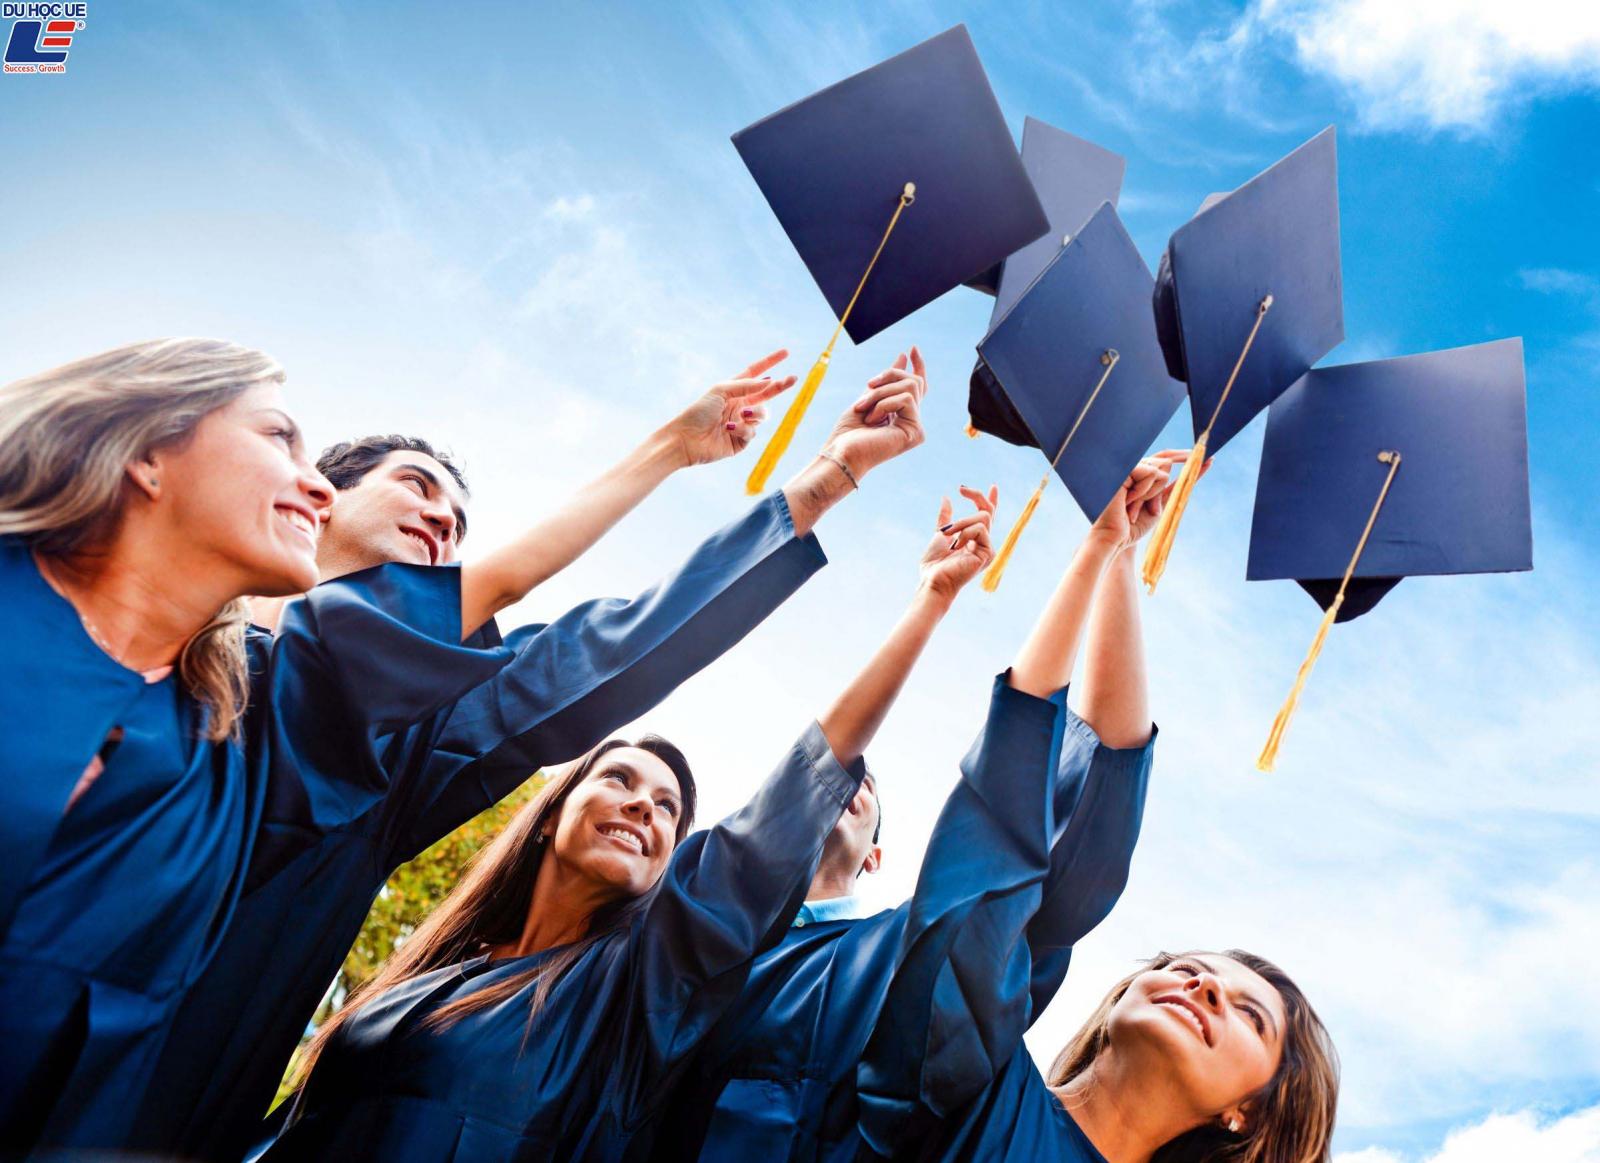 Cao đẳng cộng đồng: Sự lựa chọn của du học sinh Mỹ trong năm 2019 3